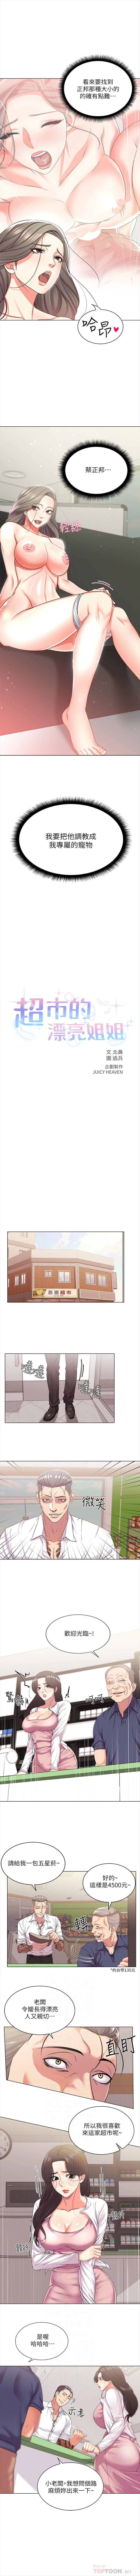 (週3)超市的漂亮姐姐 1-22 中文翻譯(更新中) 88